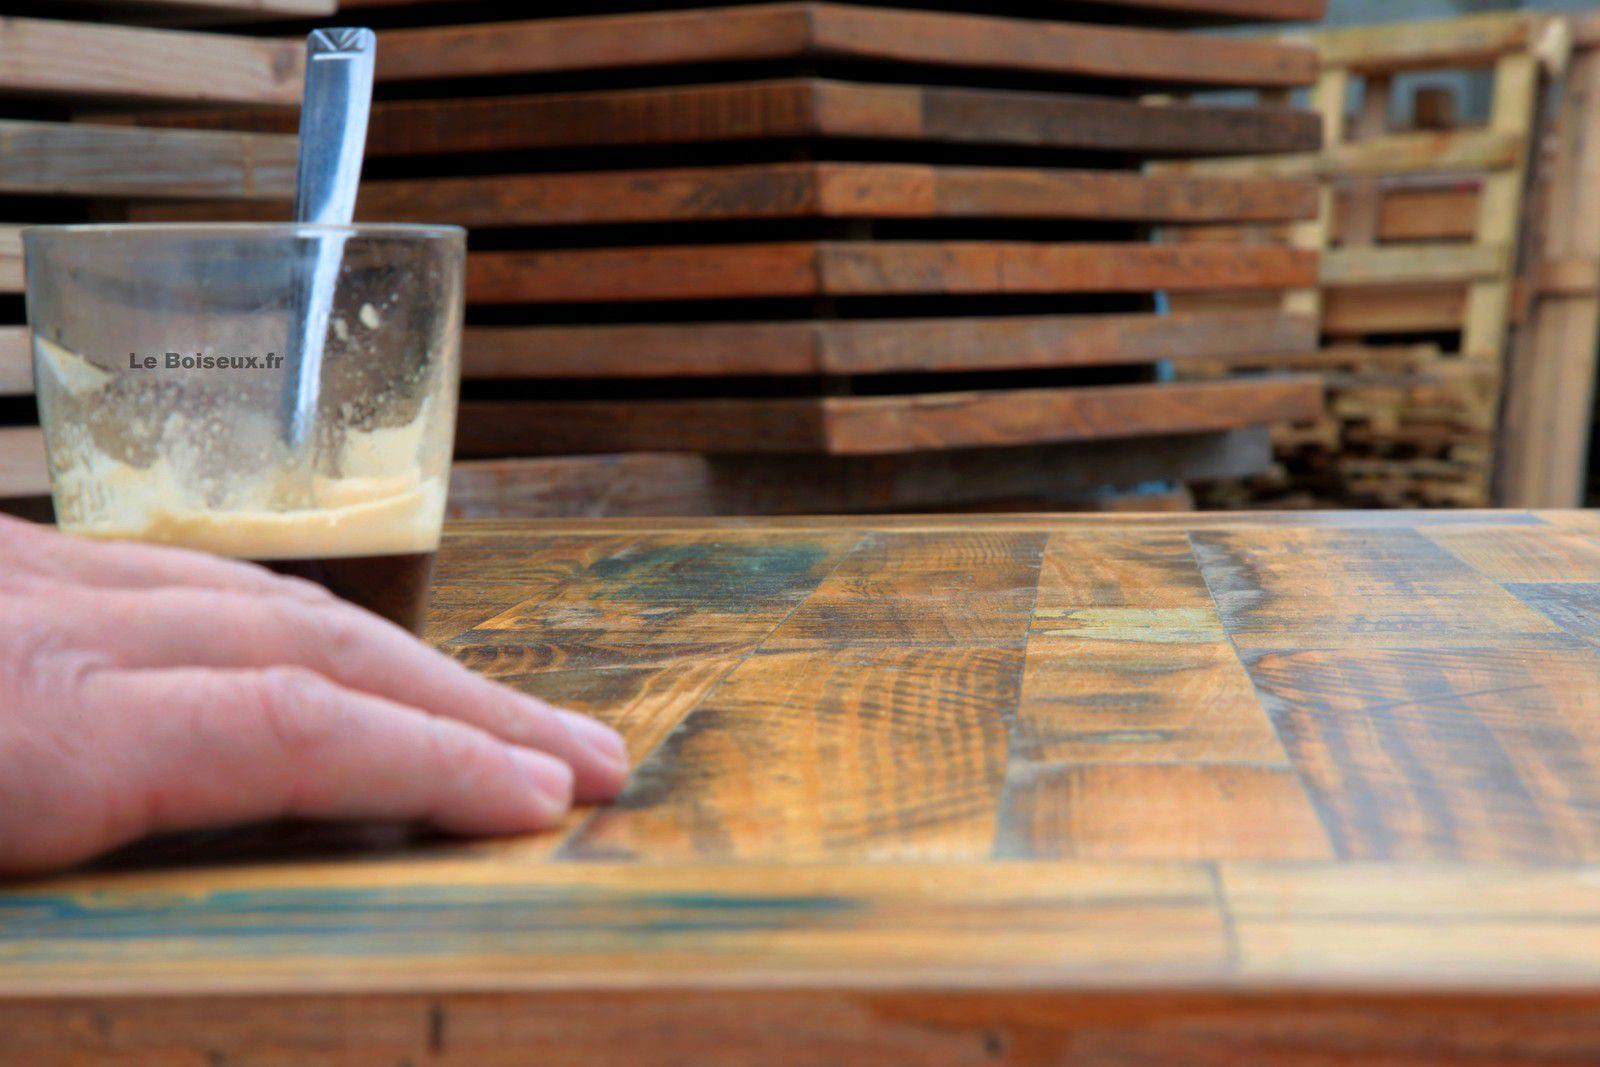 Sur LeBoiseux.fr, vous trouverez des plateaux pour manger et boire, et pour travailler, en mesure de vous distinguer de vos concurrents.